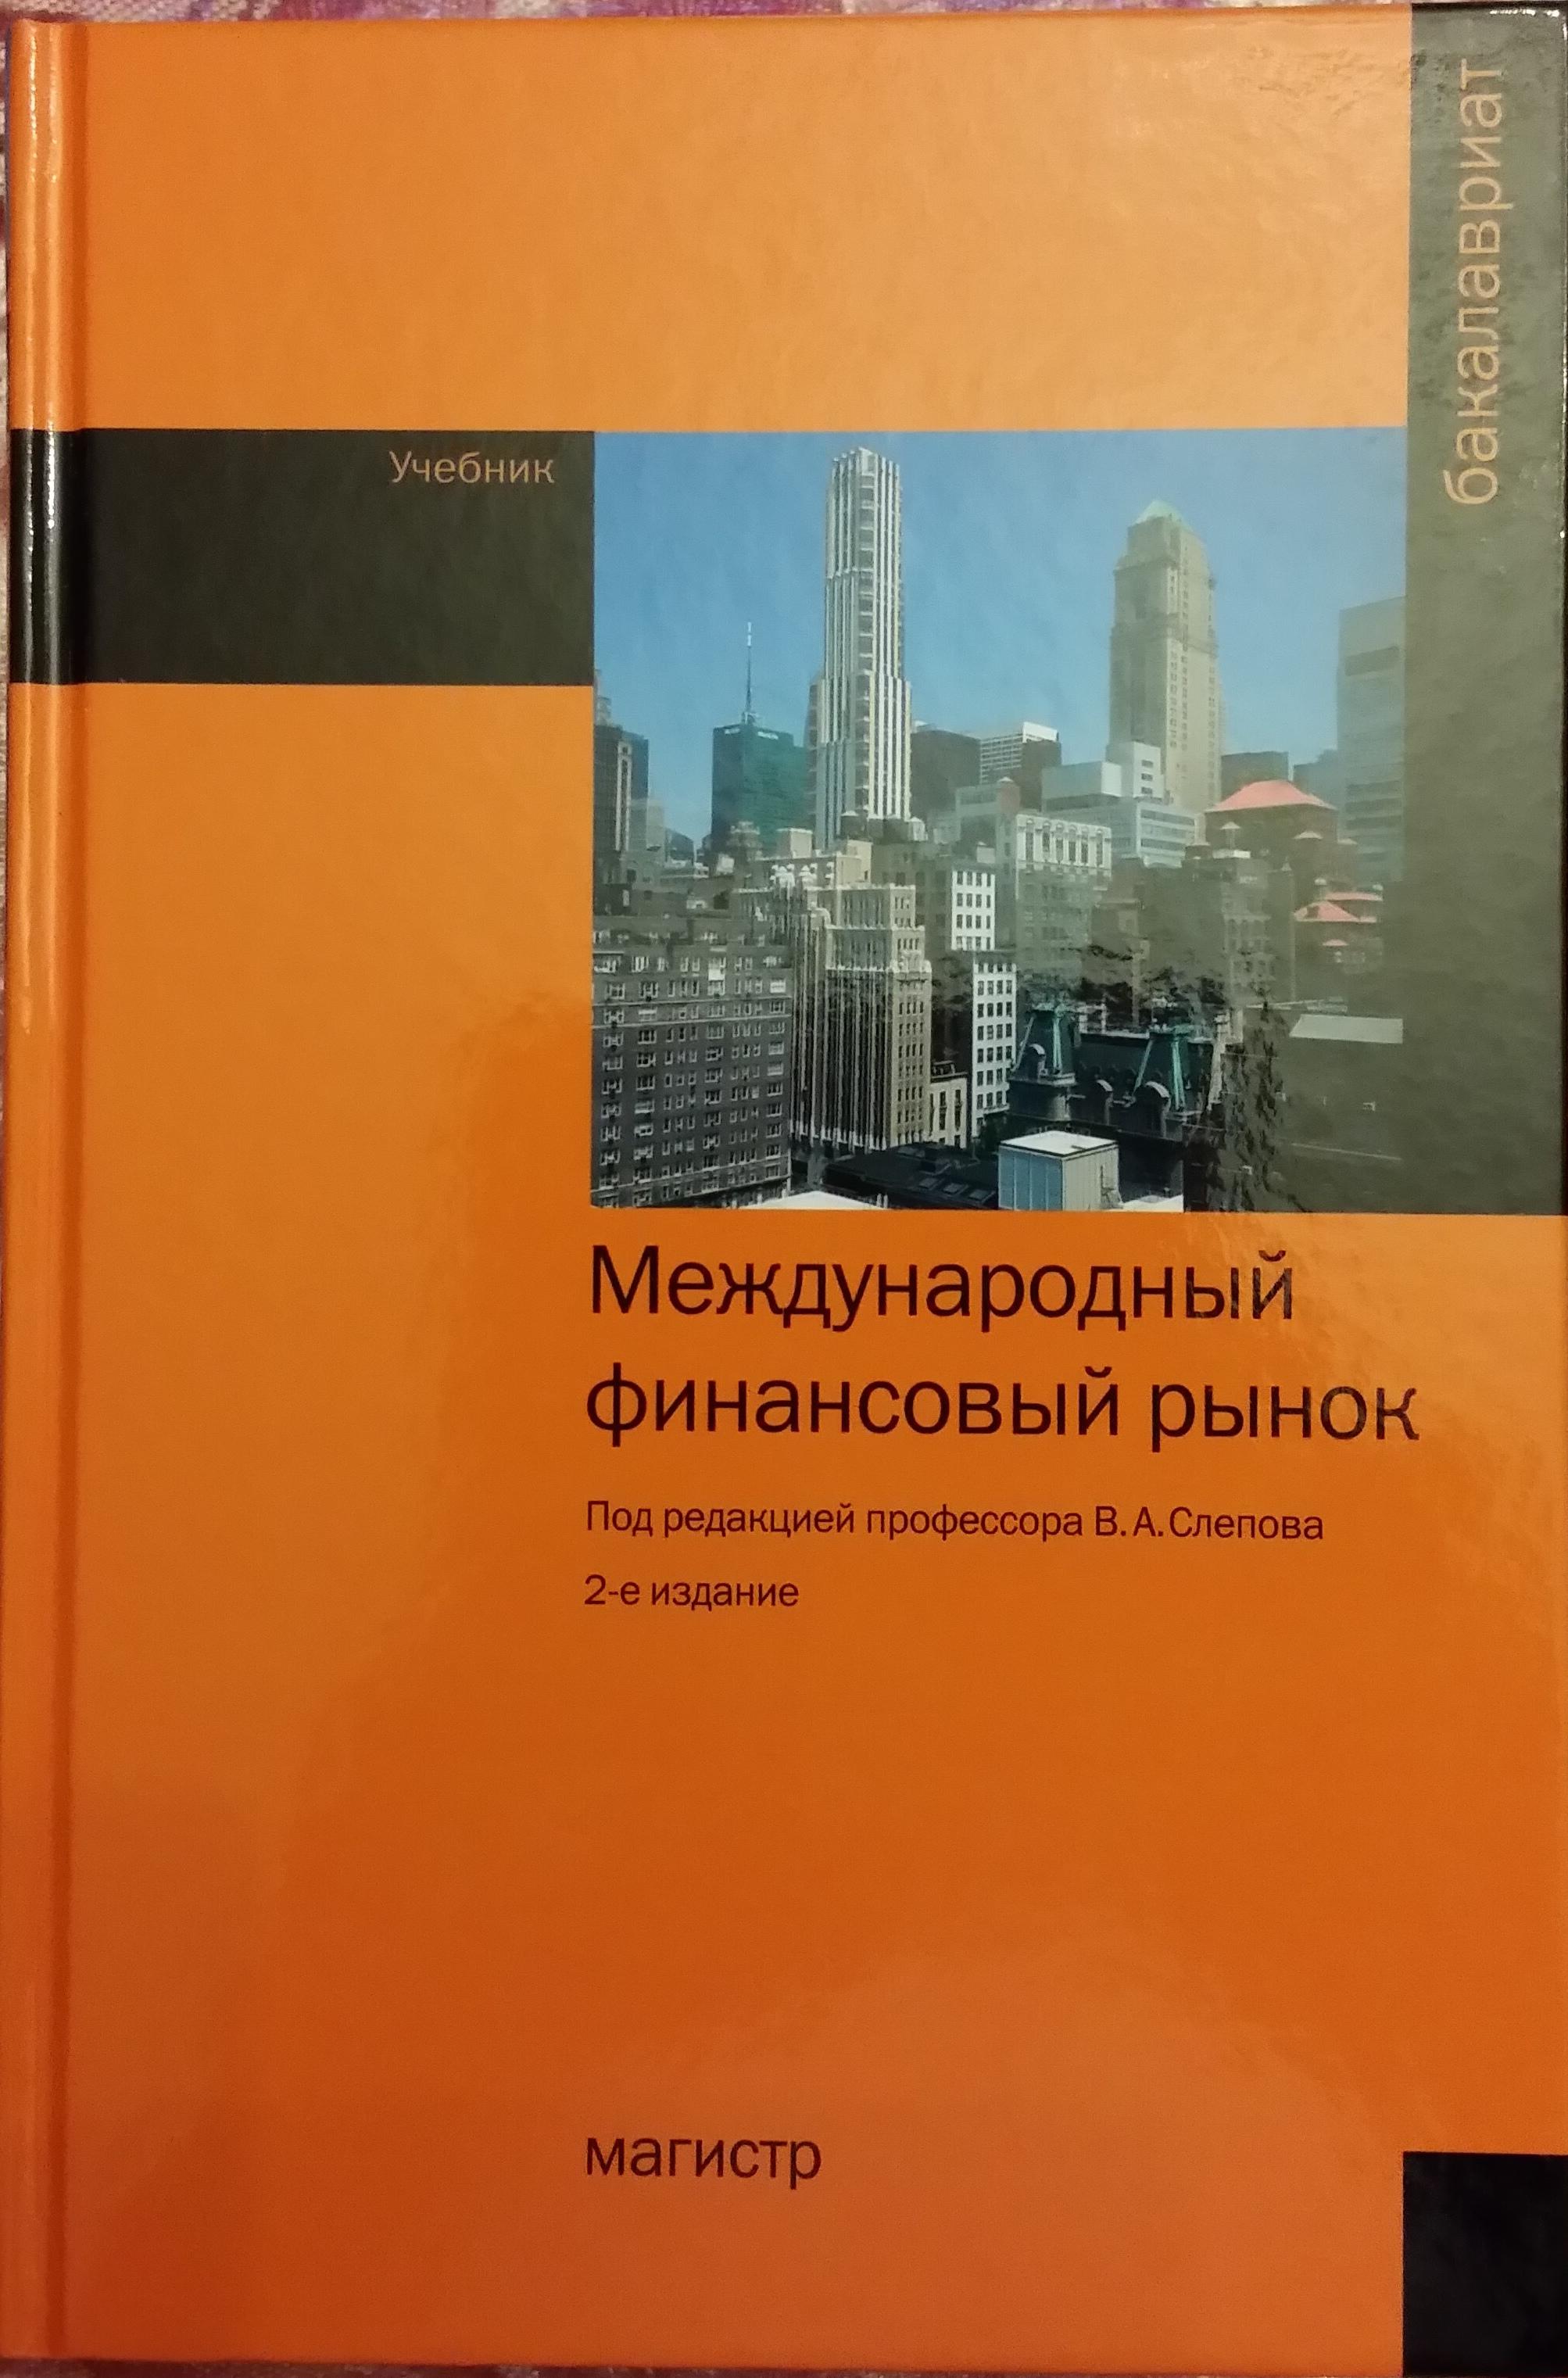 Международный финансовый рынок: учебник